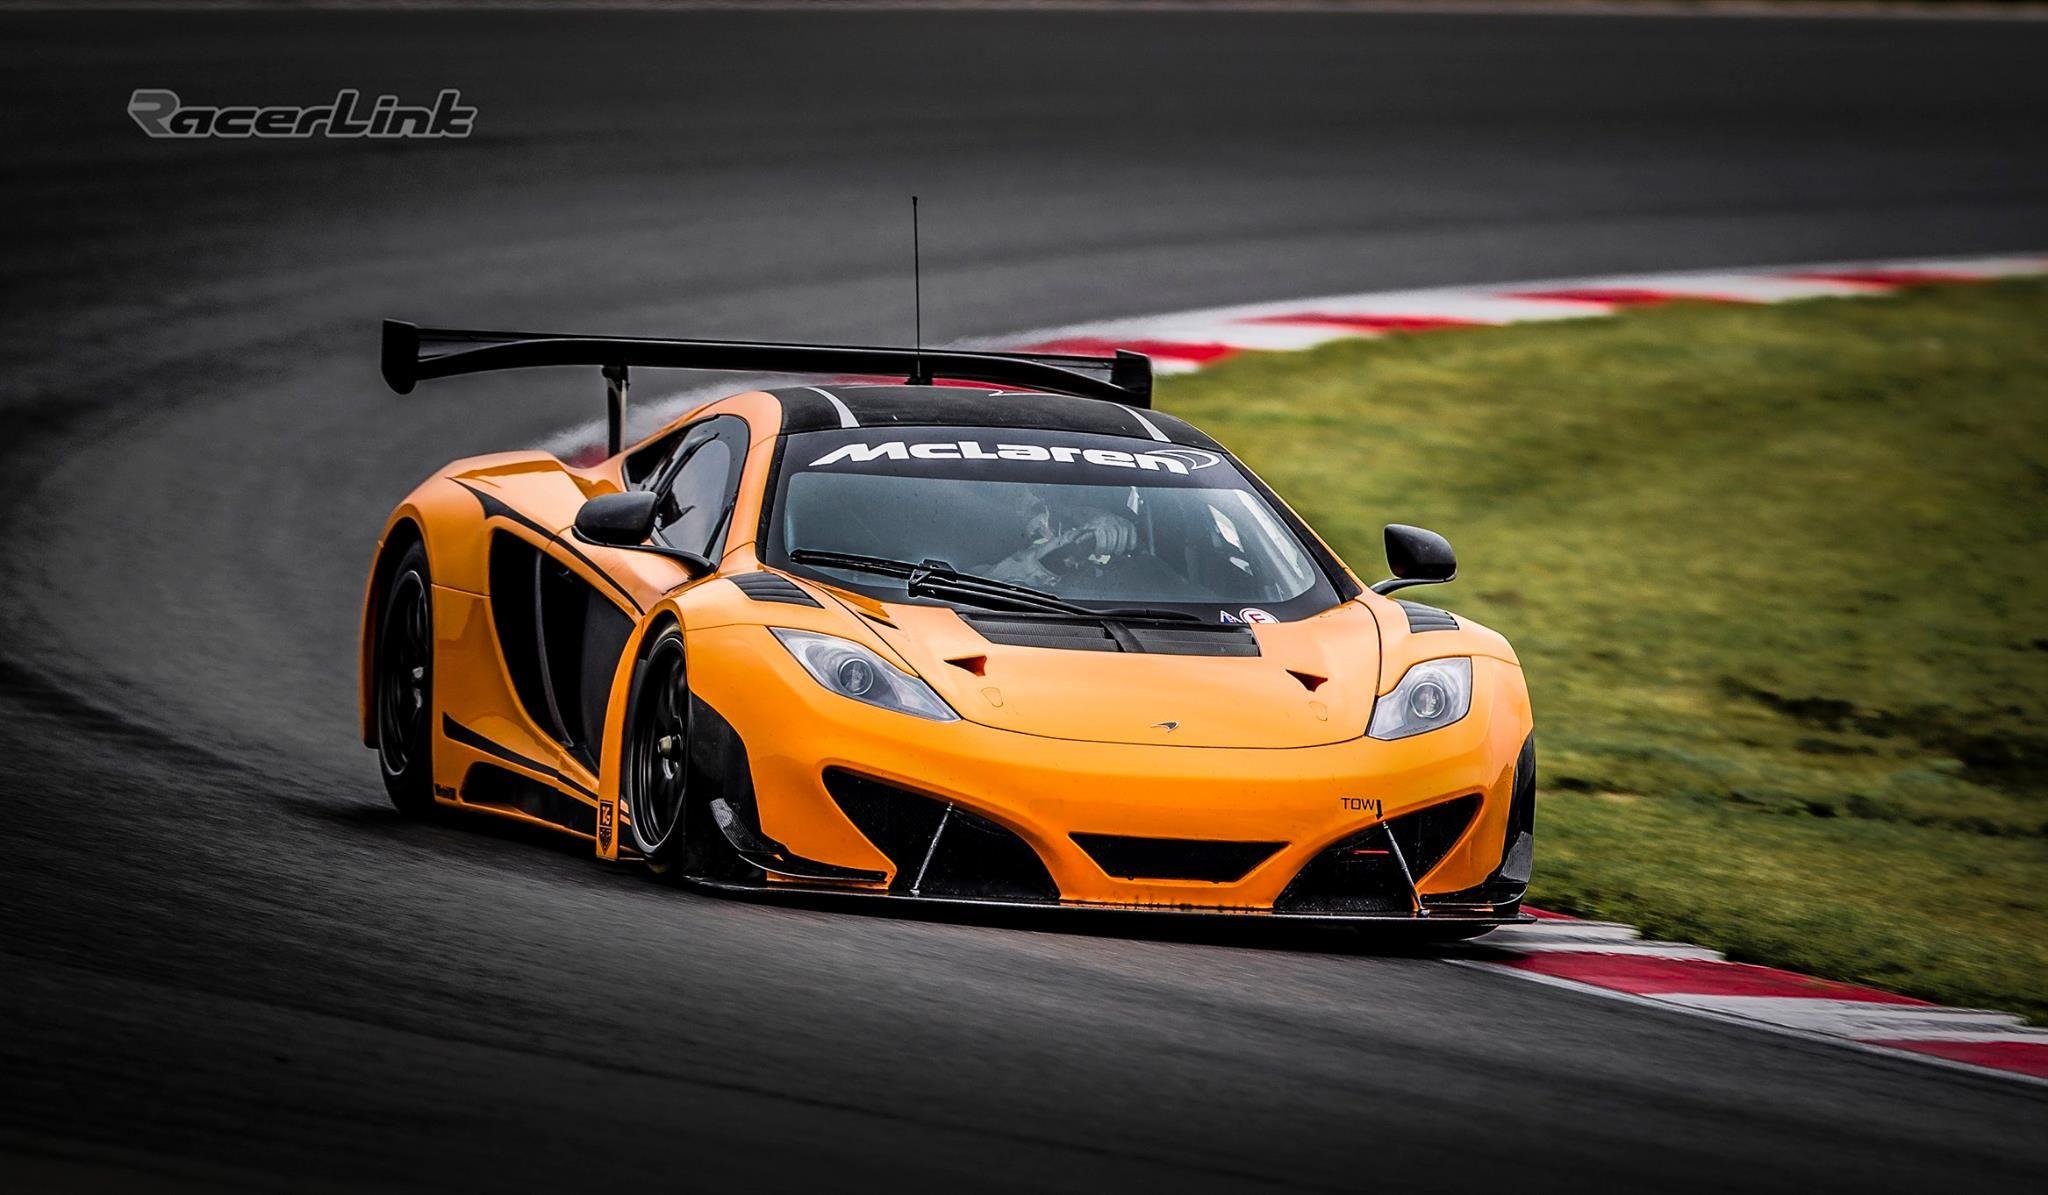 McLaren 12C GT3 Mclaren 12c, Pirelli, Mclaren